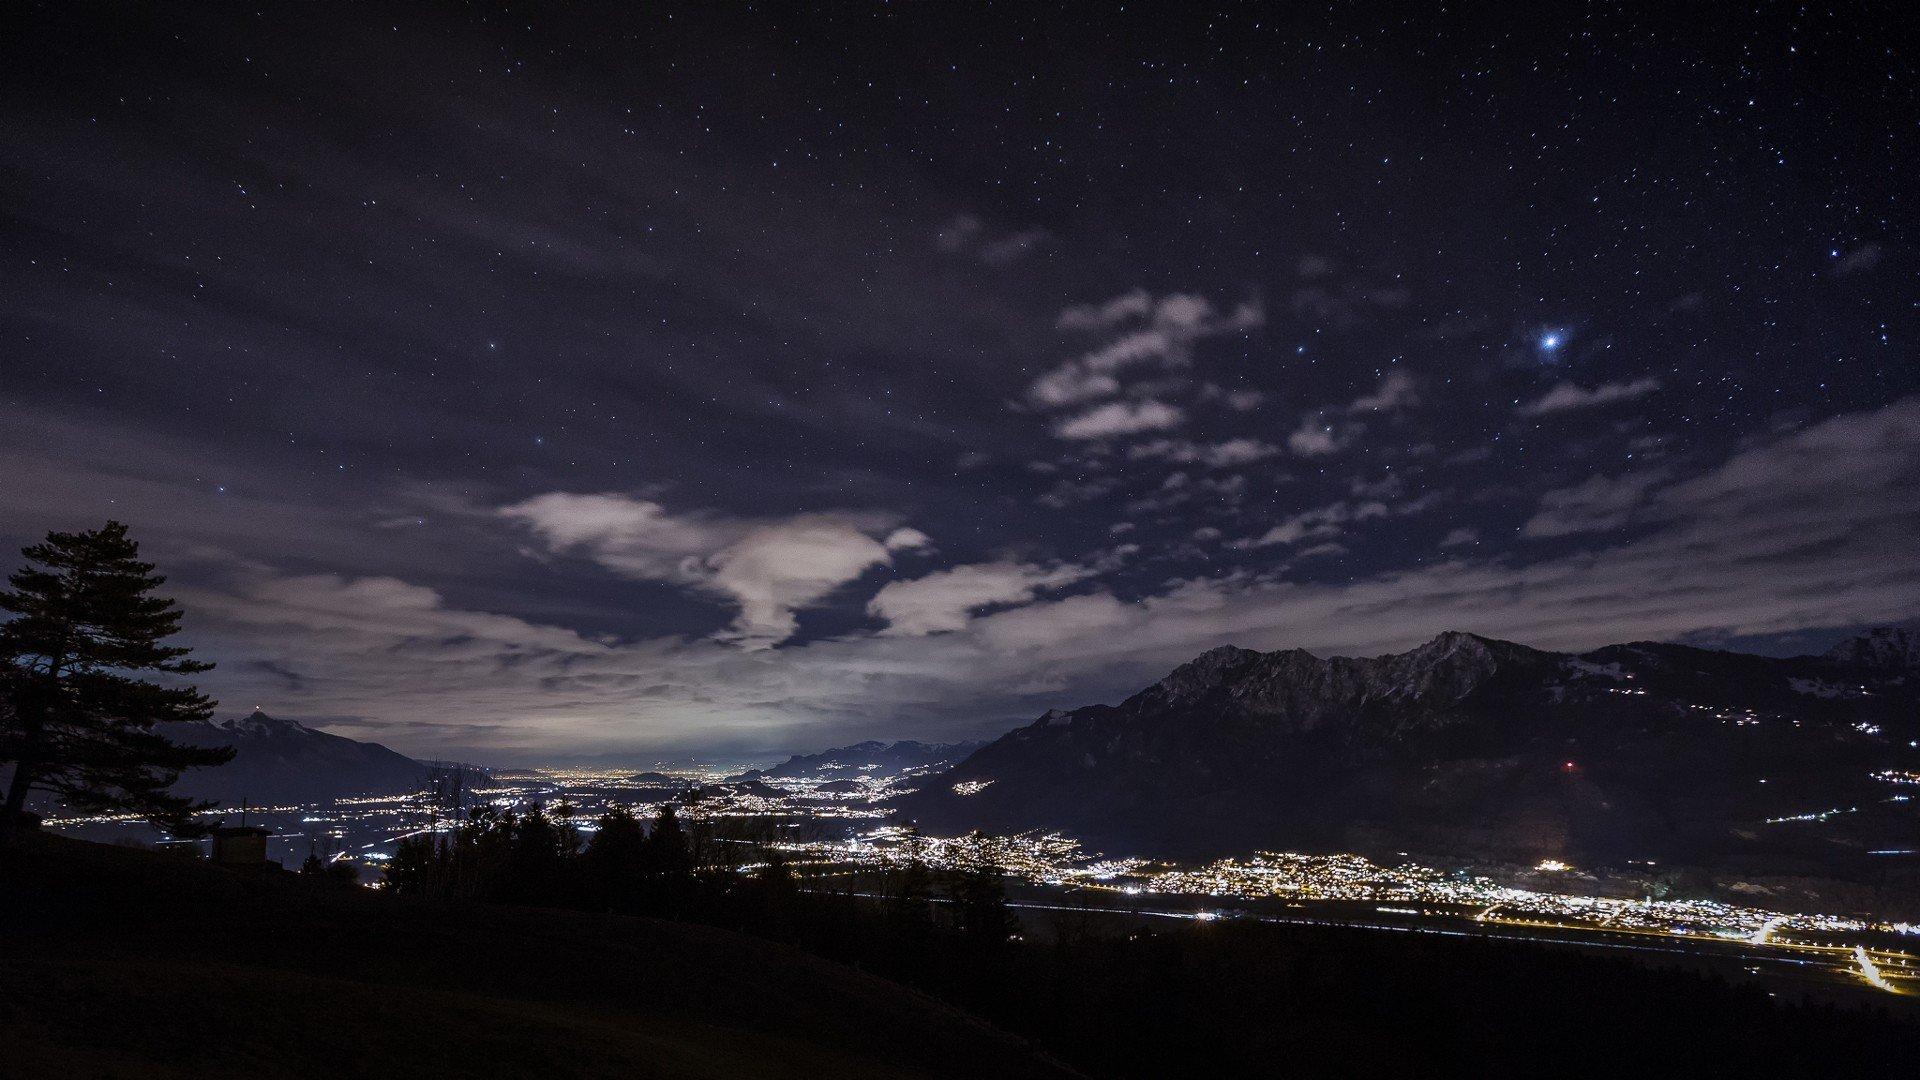 Ru - качественные картинки на рабочий стол: картинки похожие на горы ночью фото, заставки - горы , ночь , небо , зима.